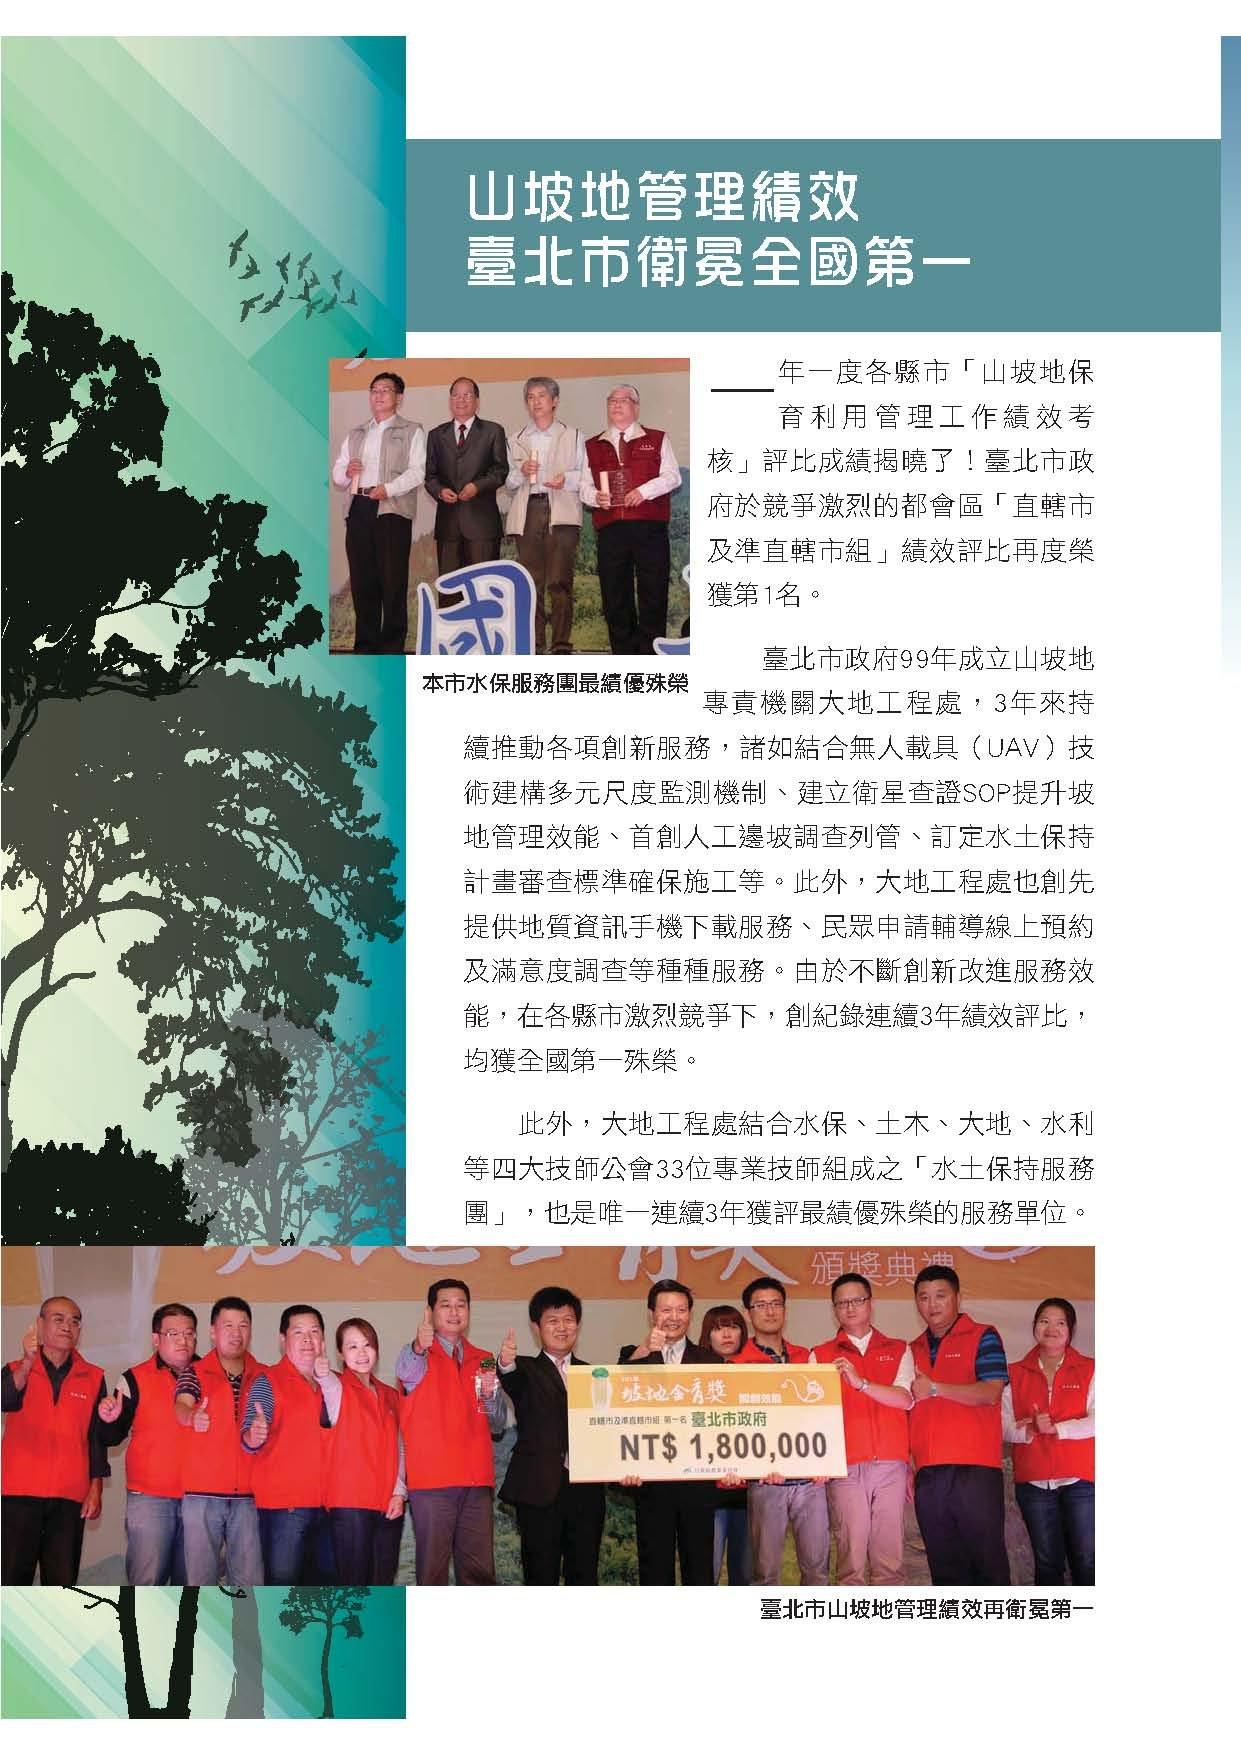 2012年度頒發2011年度山坡地管理續效評比 全國冠軍 資料來源:大地季刊no.3